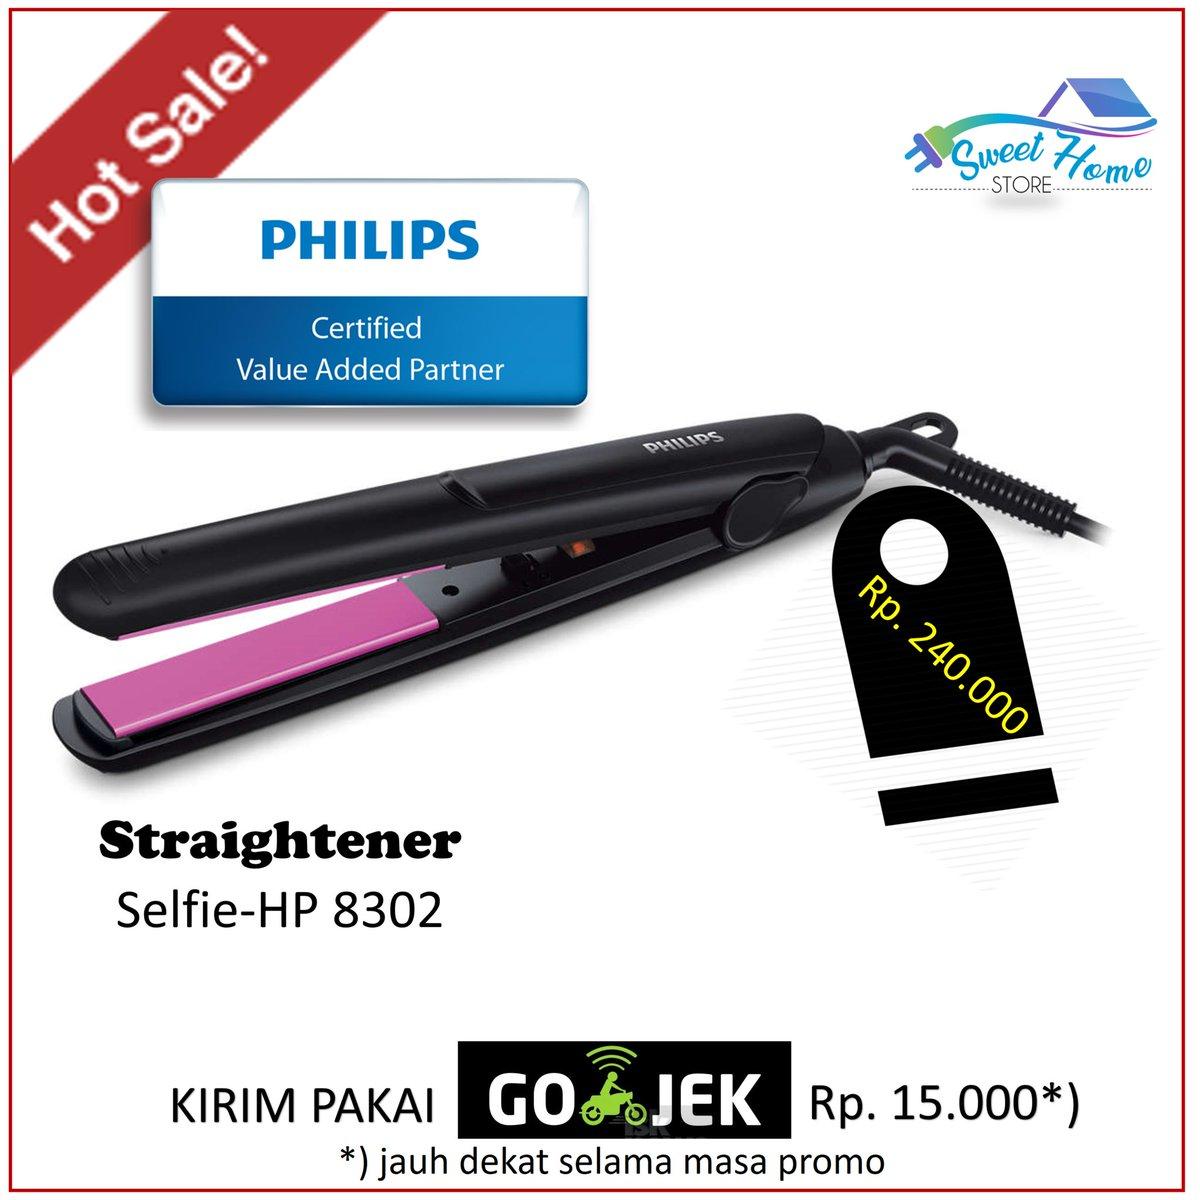 Philips Catokan Rambut Hp8302 Daftar Harga Terlengkap Indonesia Straightener Modern Media